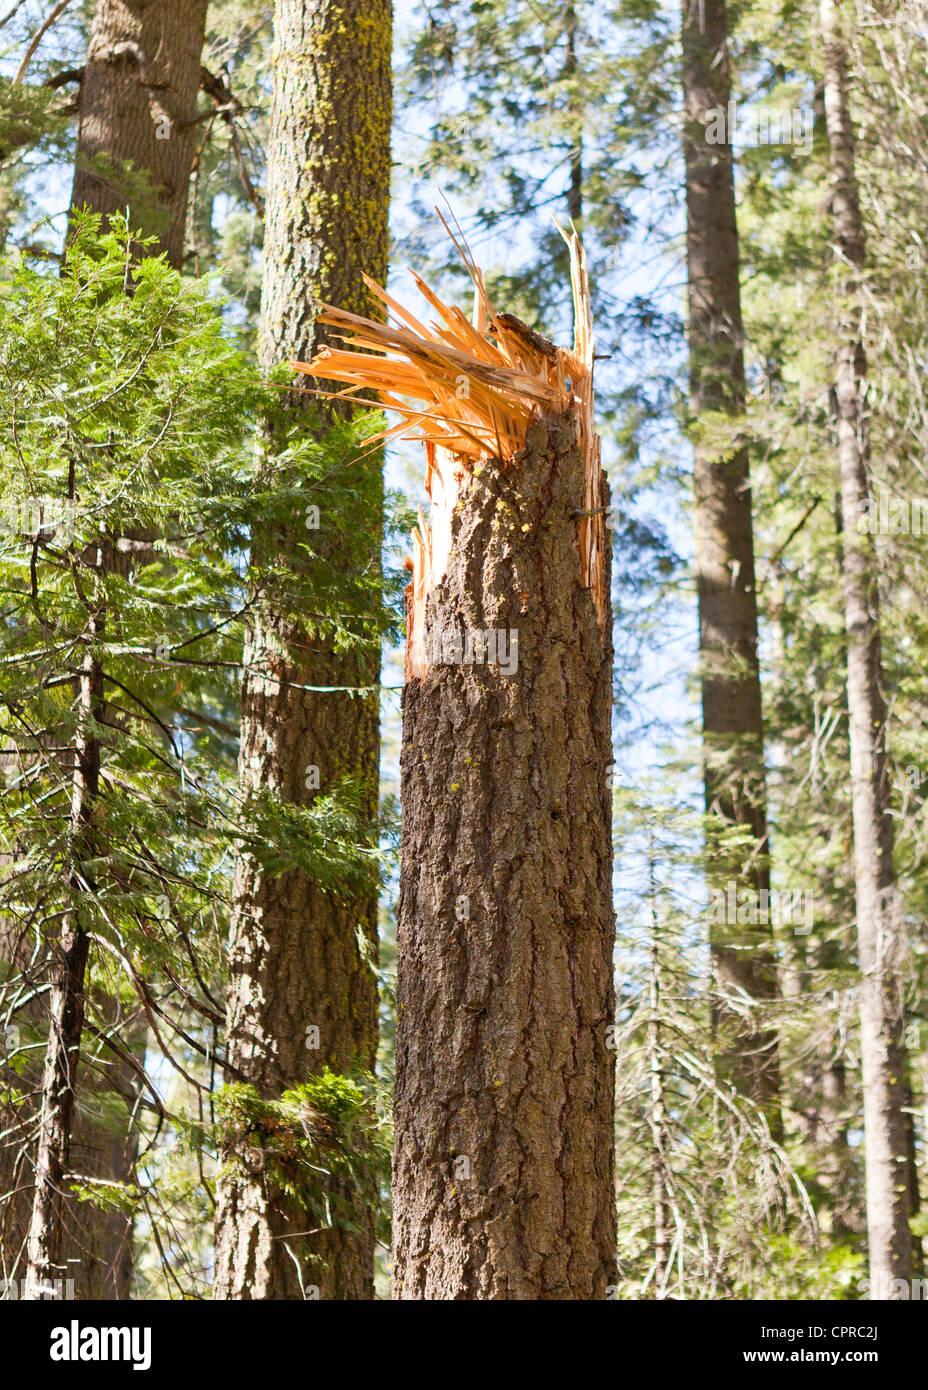 Tronco de árbol roto debido a los fuertes vientos Imagen De Stock